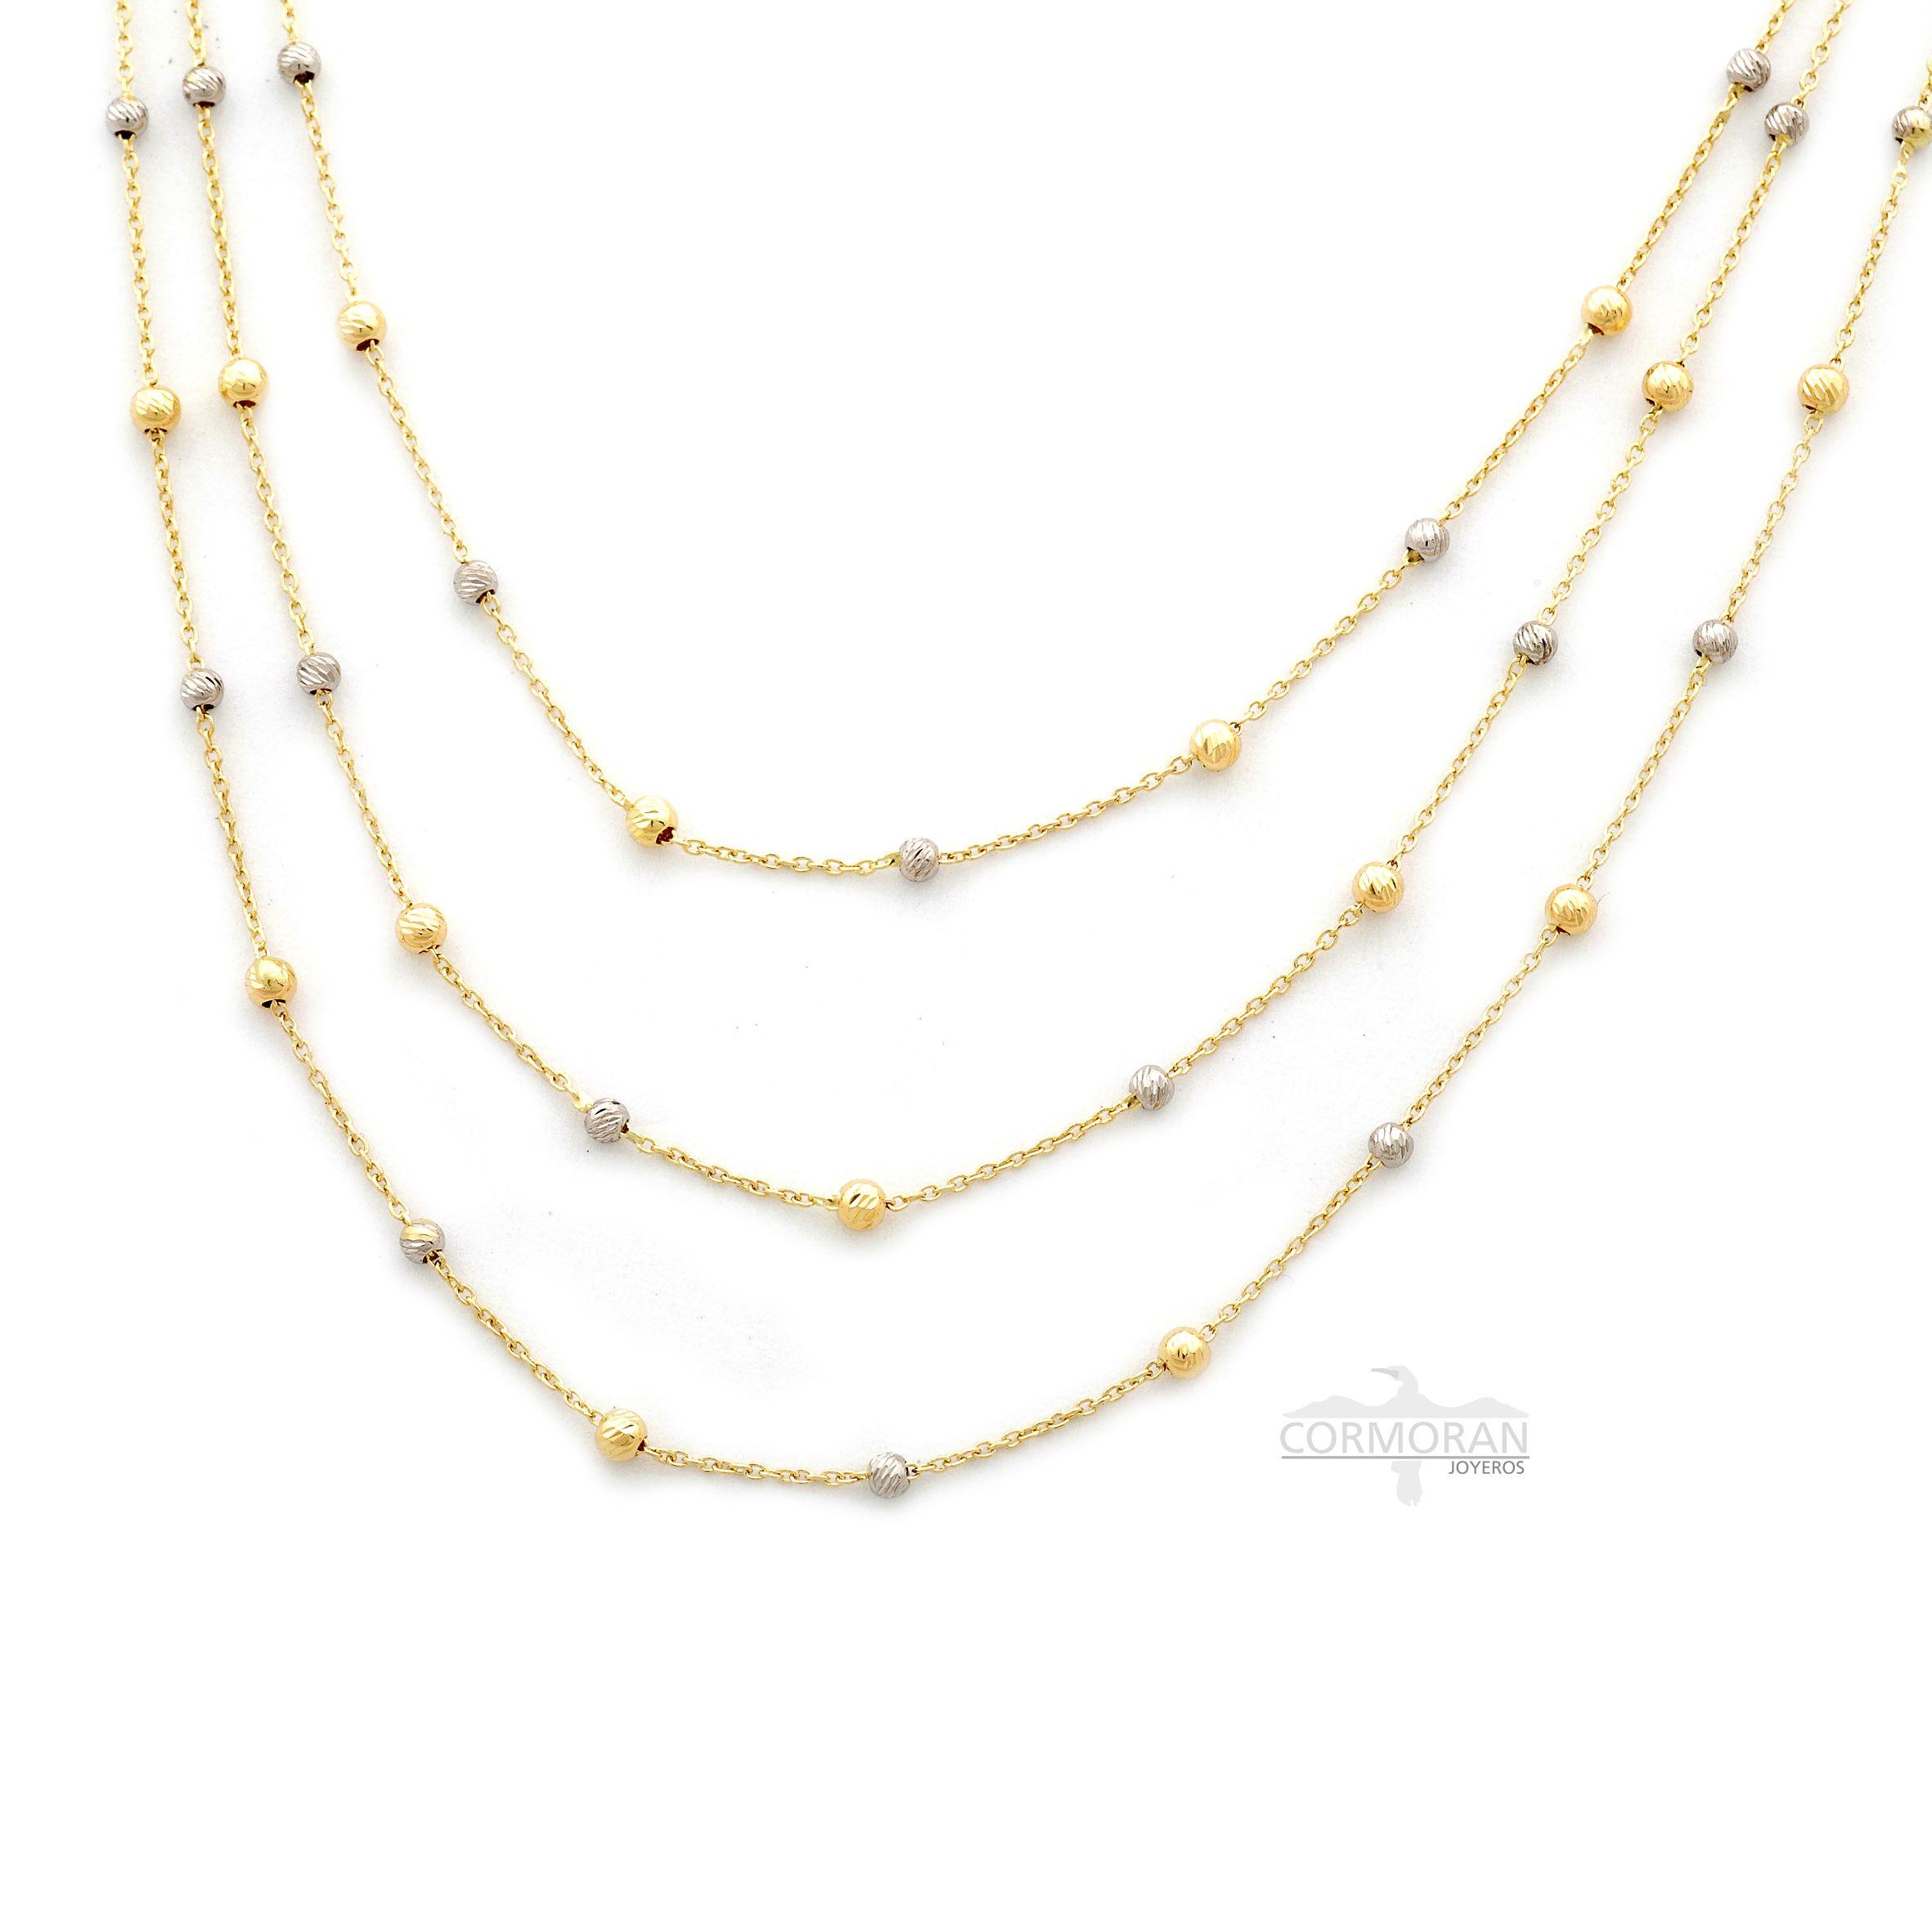 5a856fe5cc72 Exclusivo collar que fusiona oro blanco y oro amarillo de 18 quilates